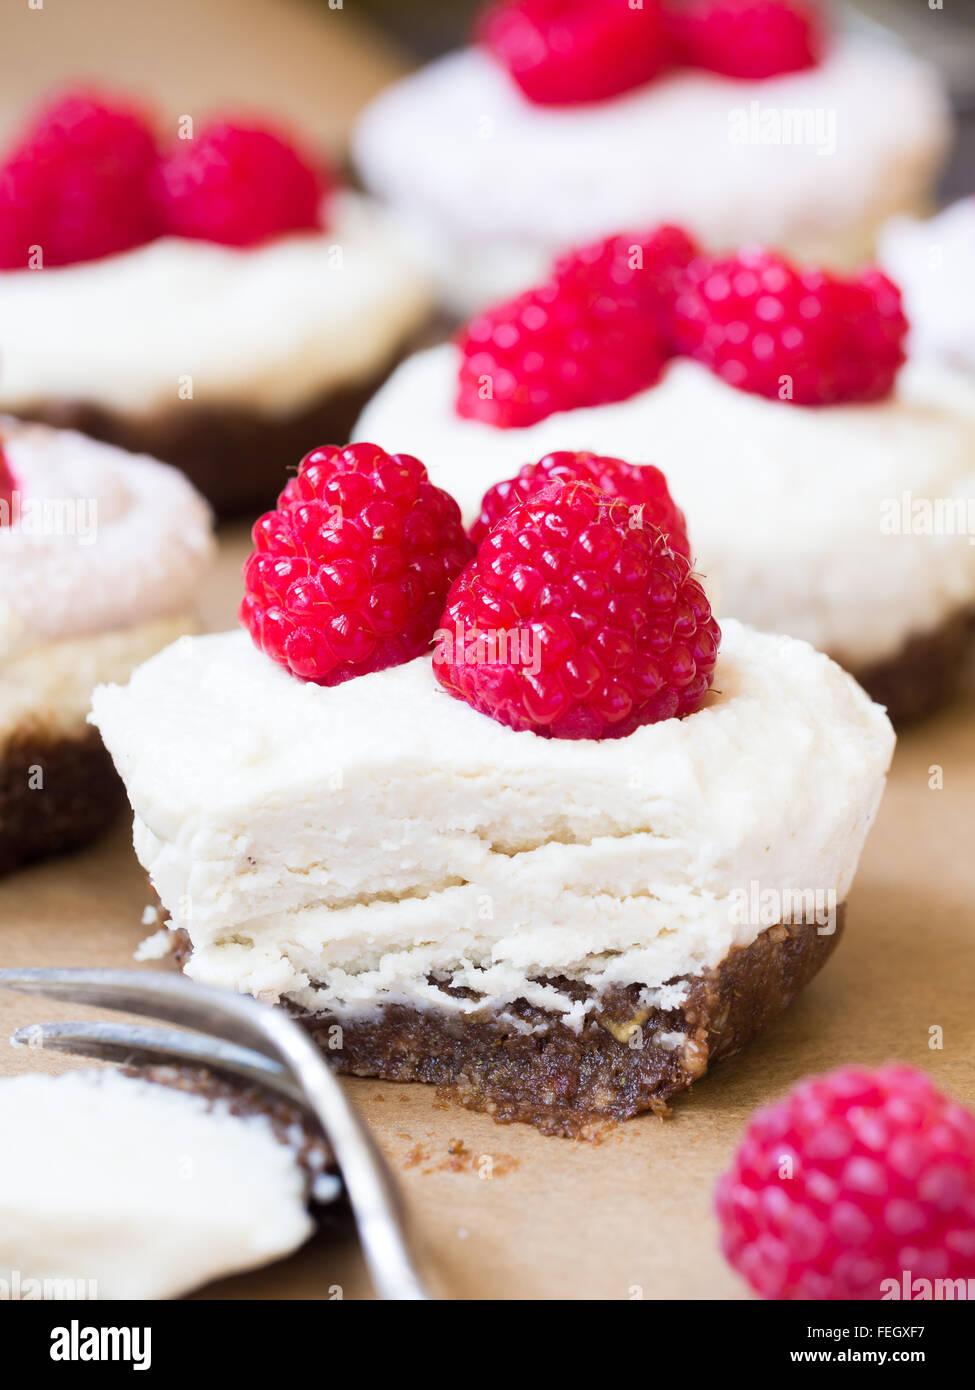 """Materie vegan mini """"cheesecake' fatto di noci di acagiù, crema di noce di cocco e le date, servito Immagini Stock"""